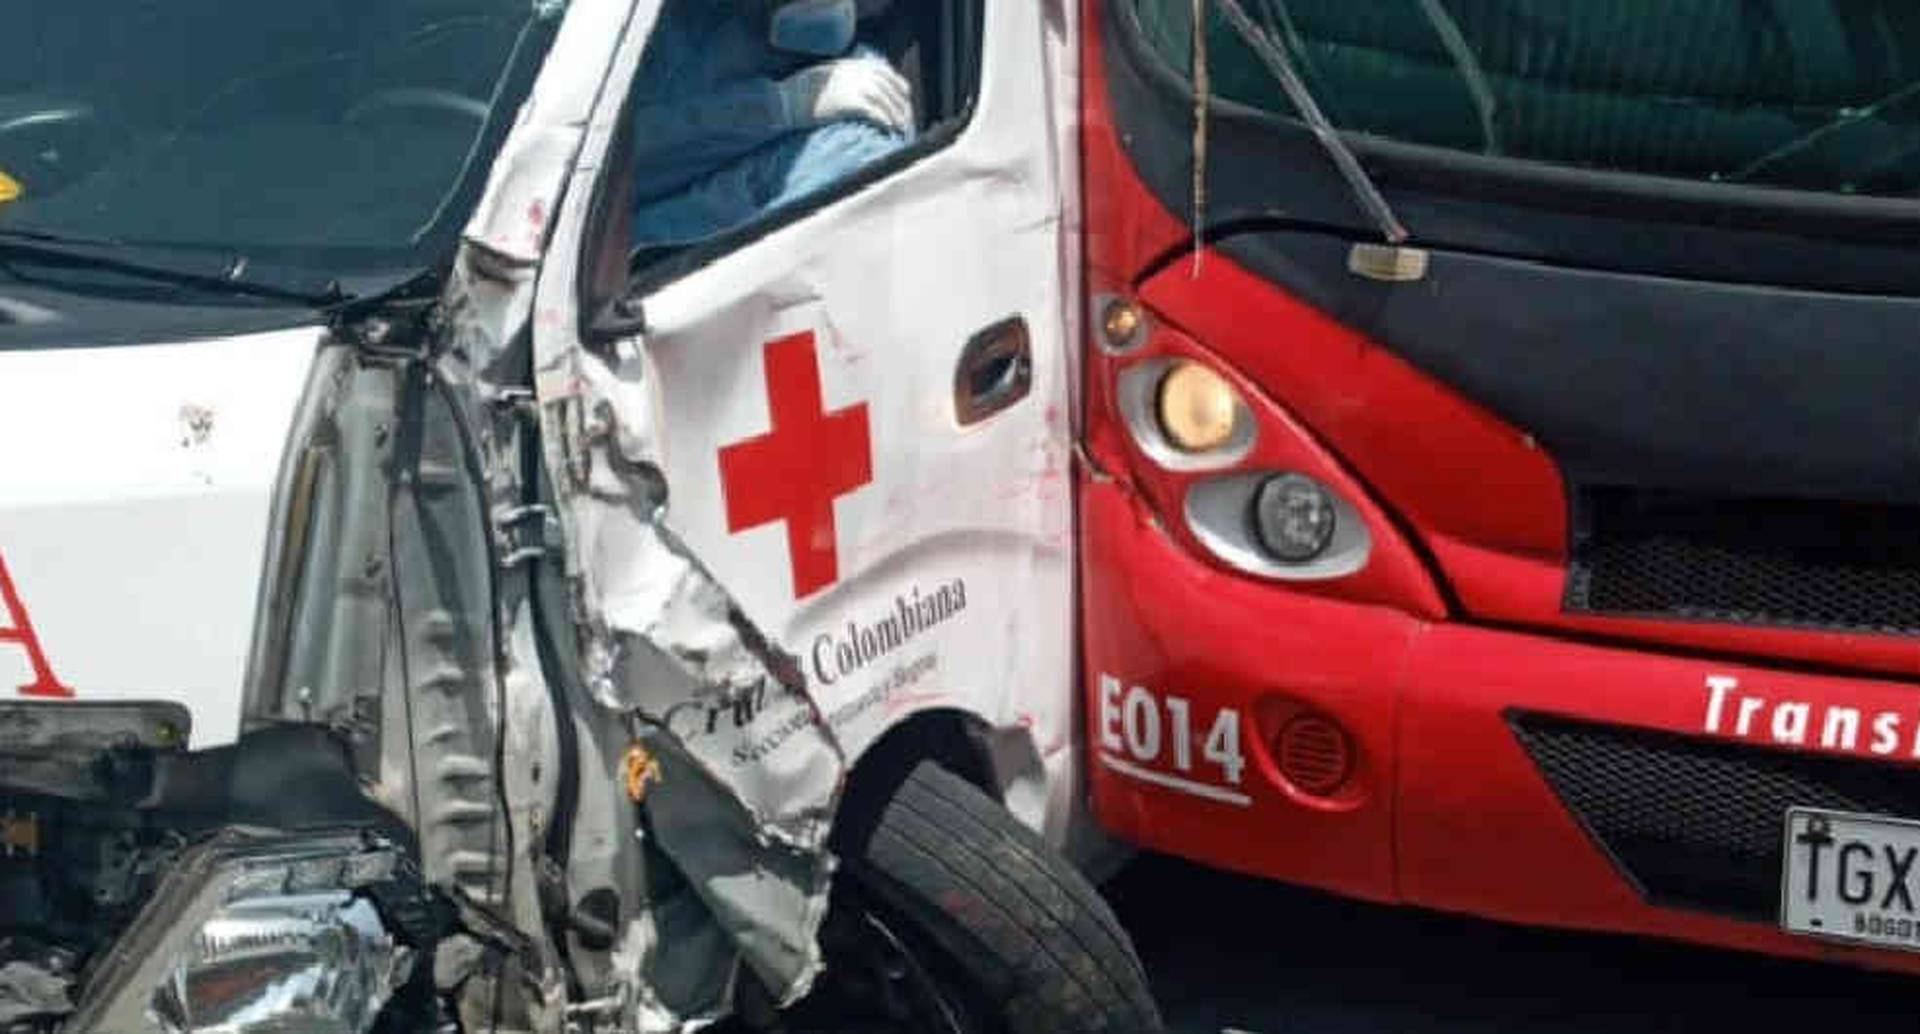 Choque entre dos buses de TransMilenios y una ambulancia en estación Ricaurte